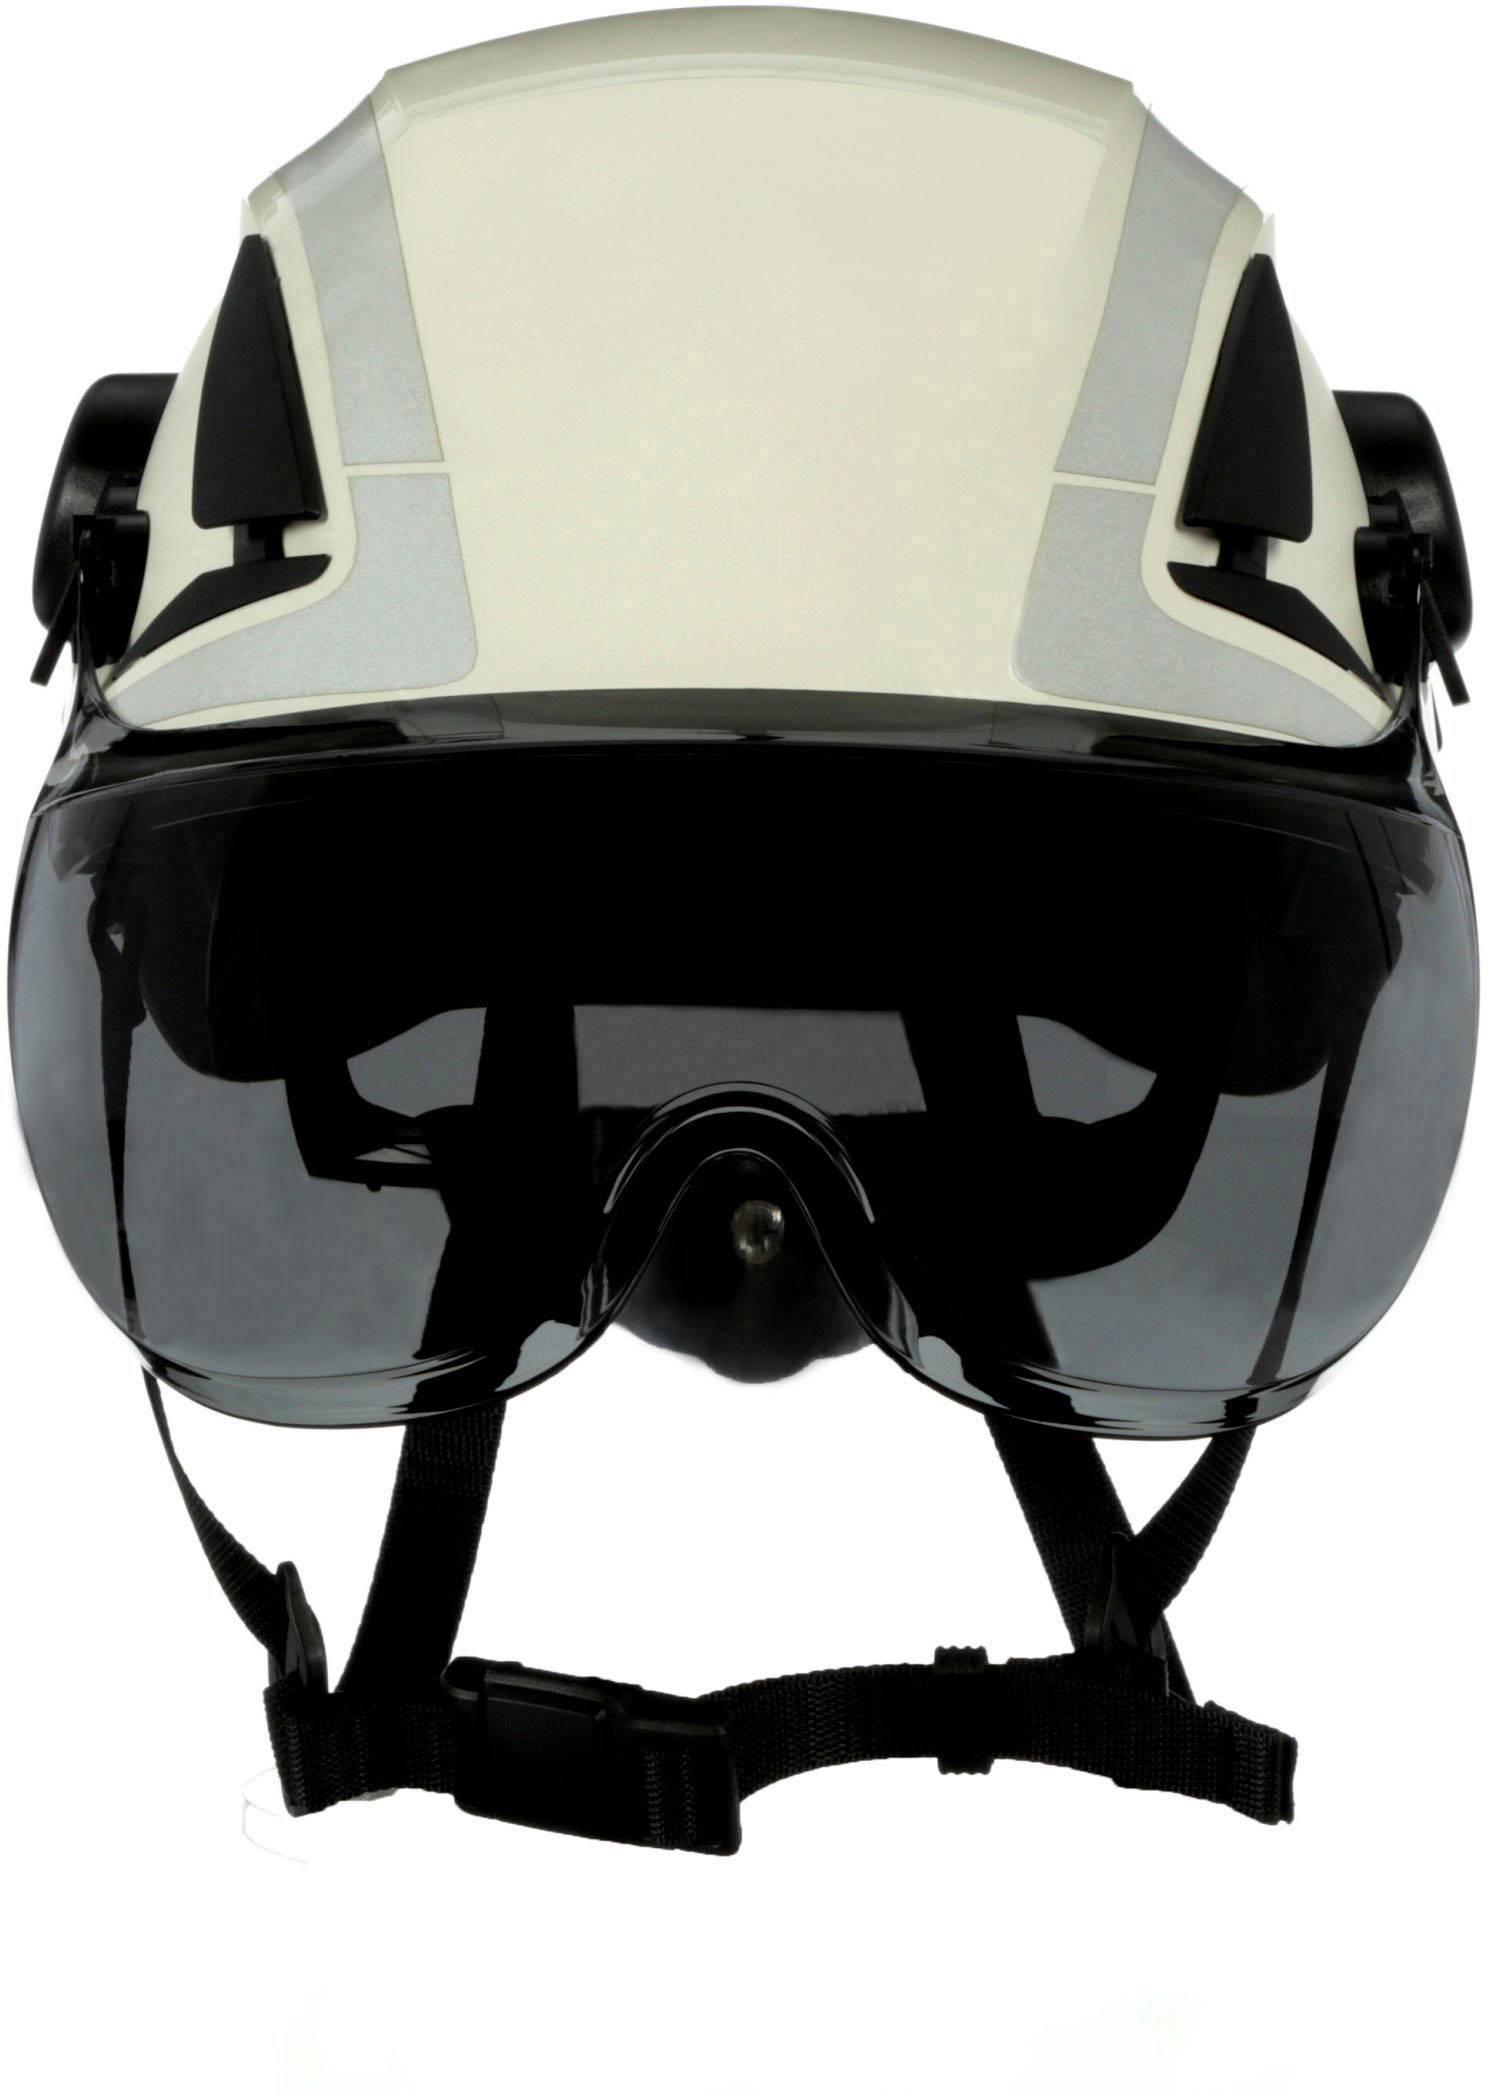 visiere masque 3m g500